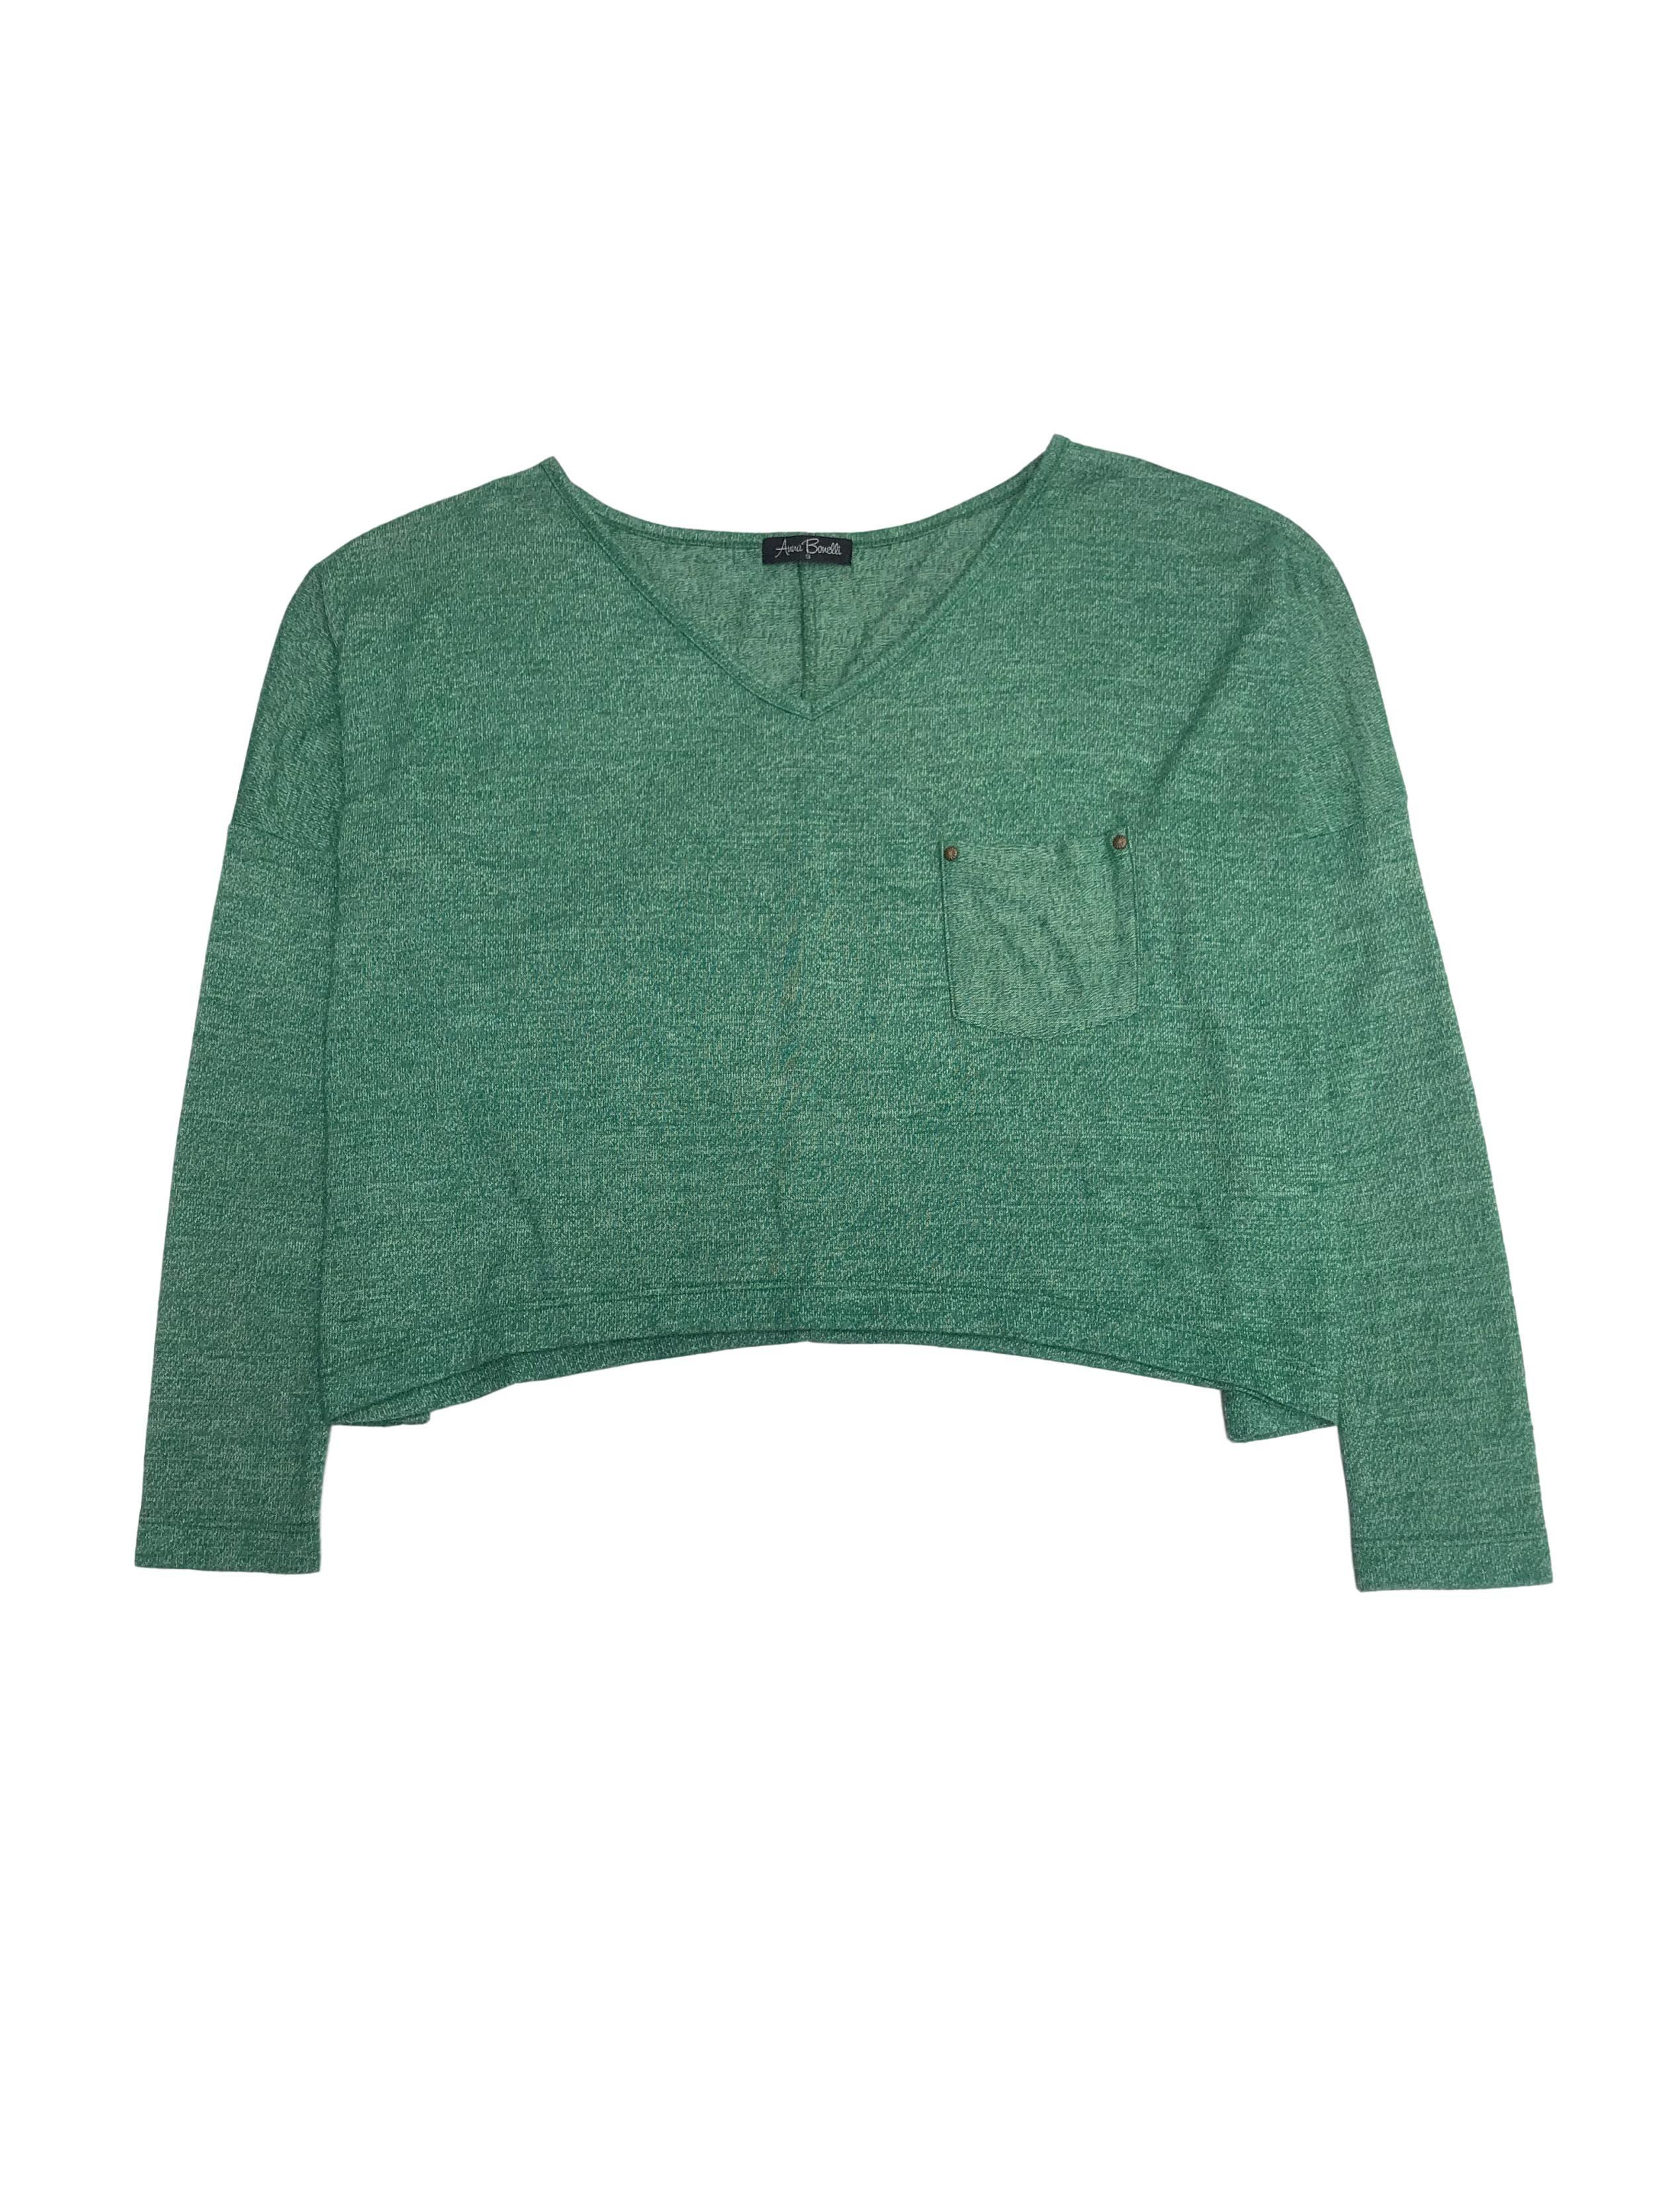 Chompita corta oversized verde jaspeada con bolsillo en el pecho